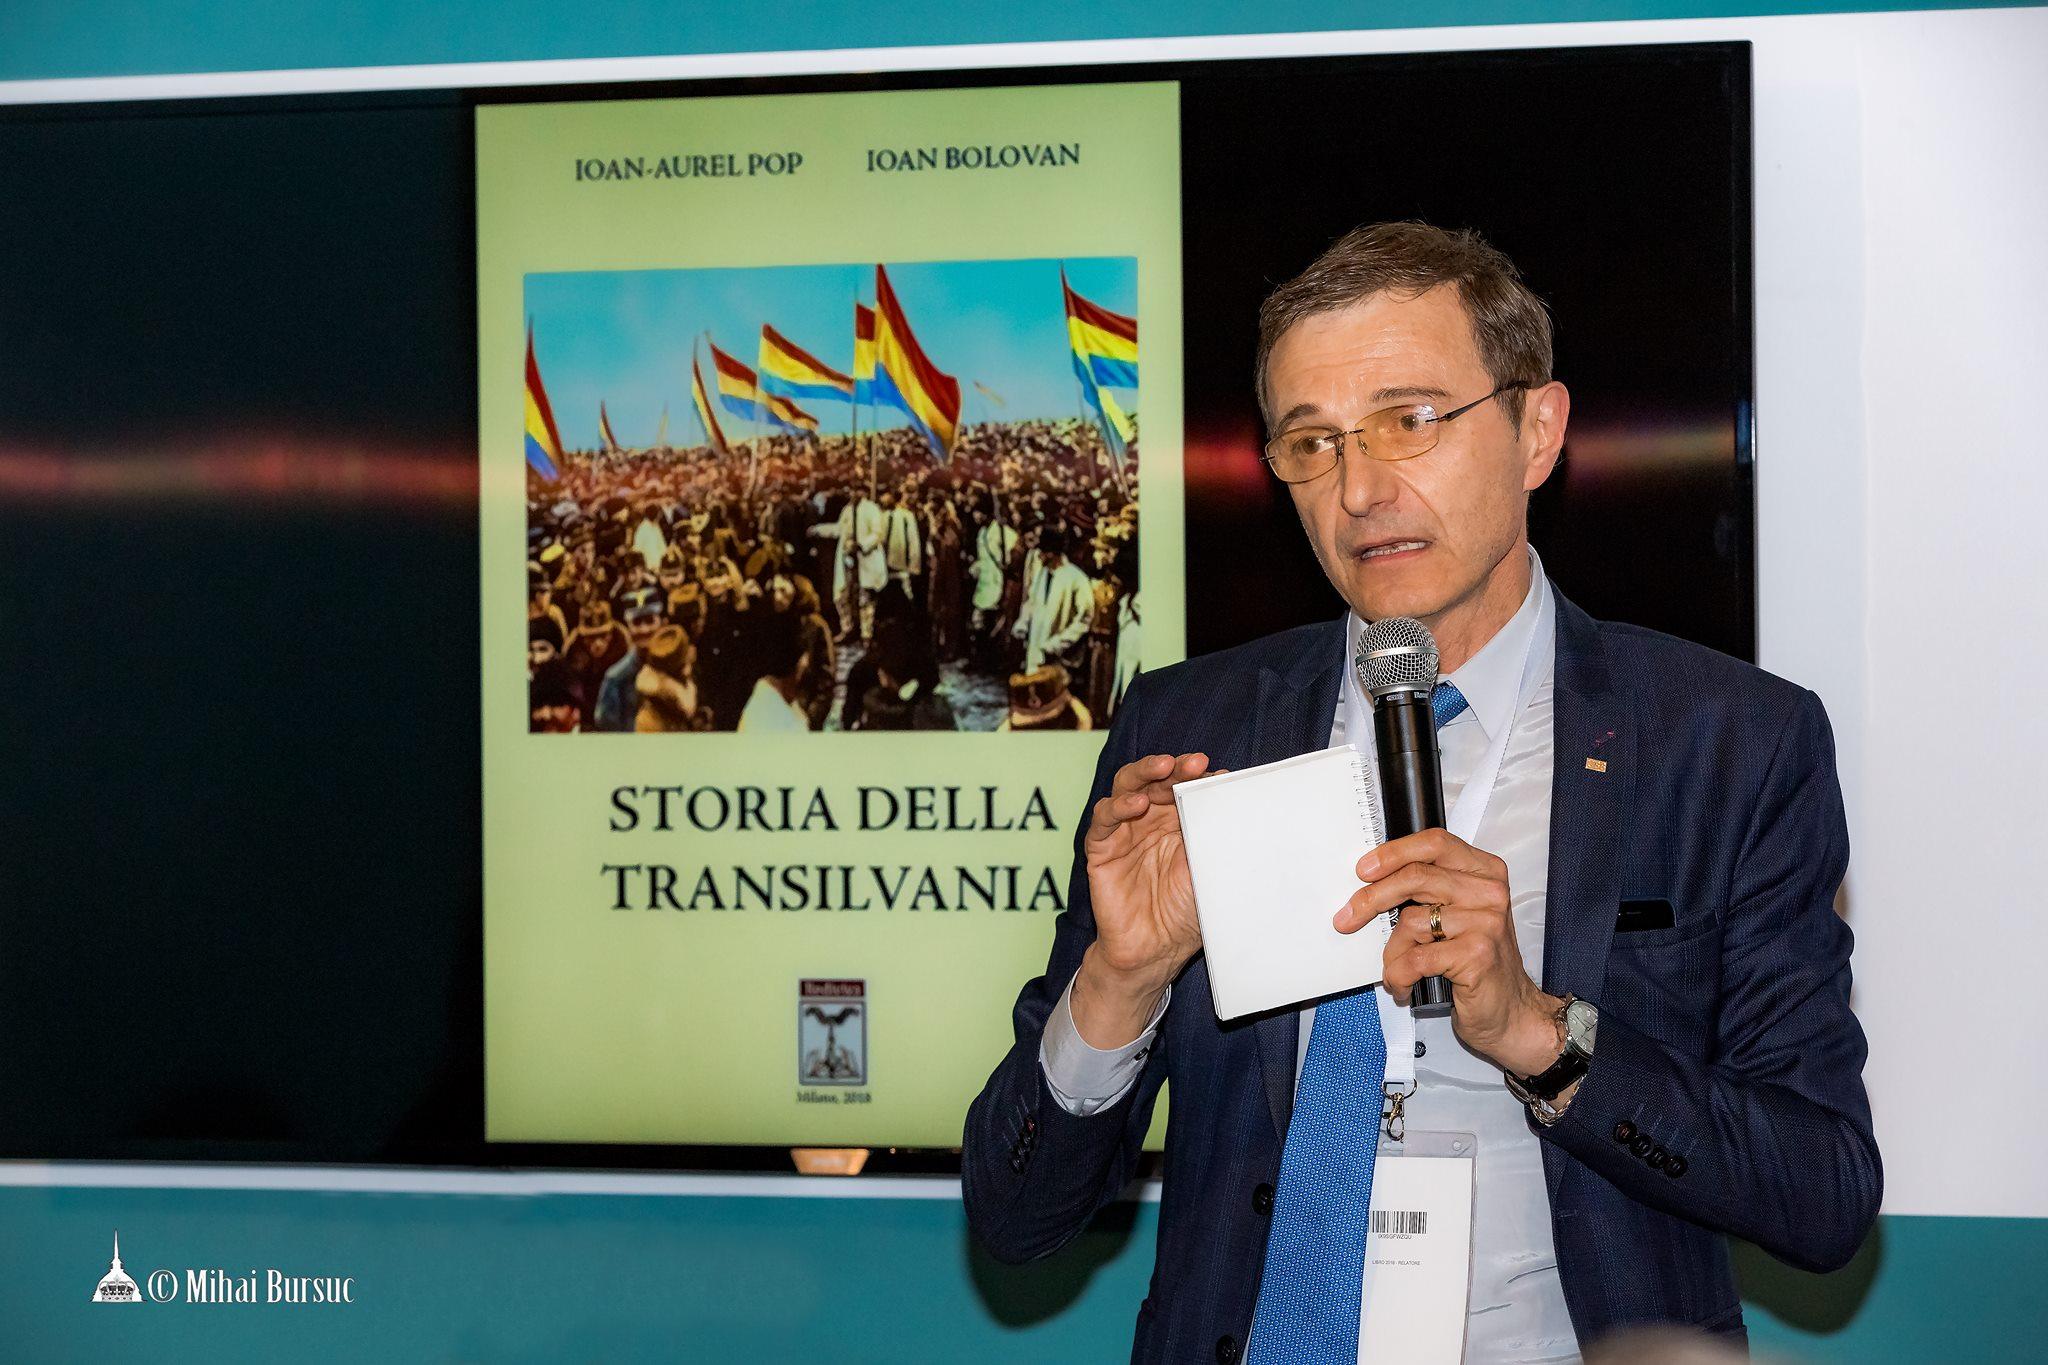 """Il volume """"Storia della Transilvania"""", grande successo al Salone del Libro di Torino 2018"""